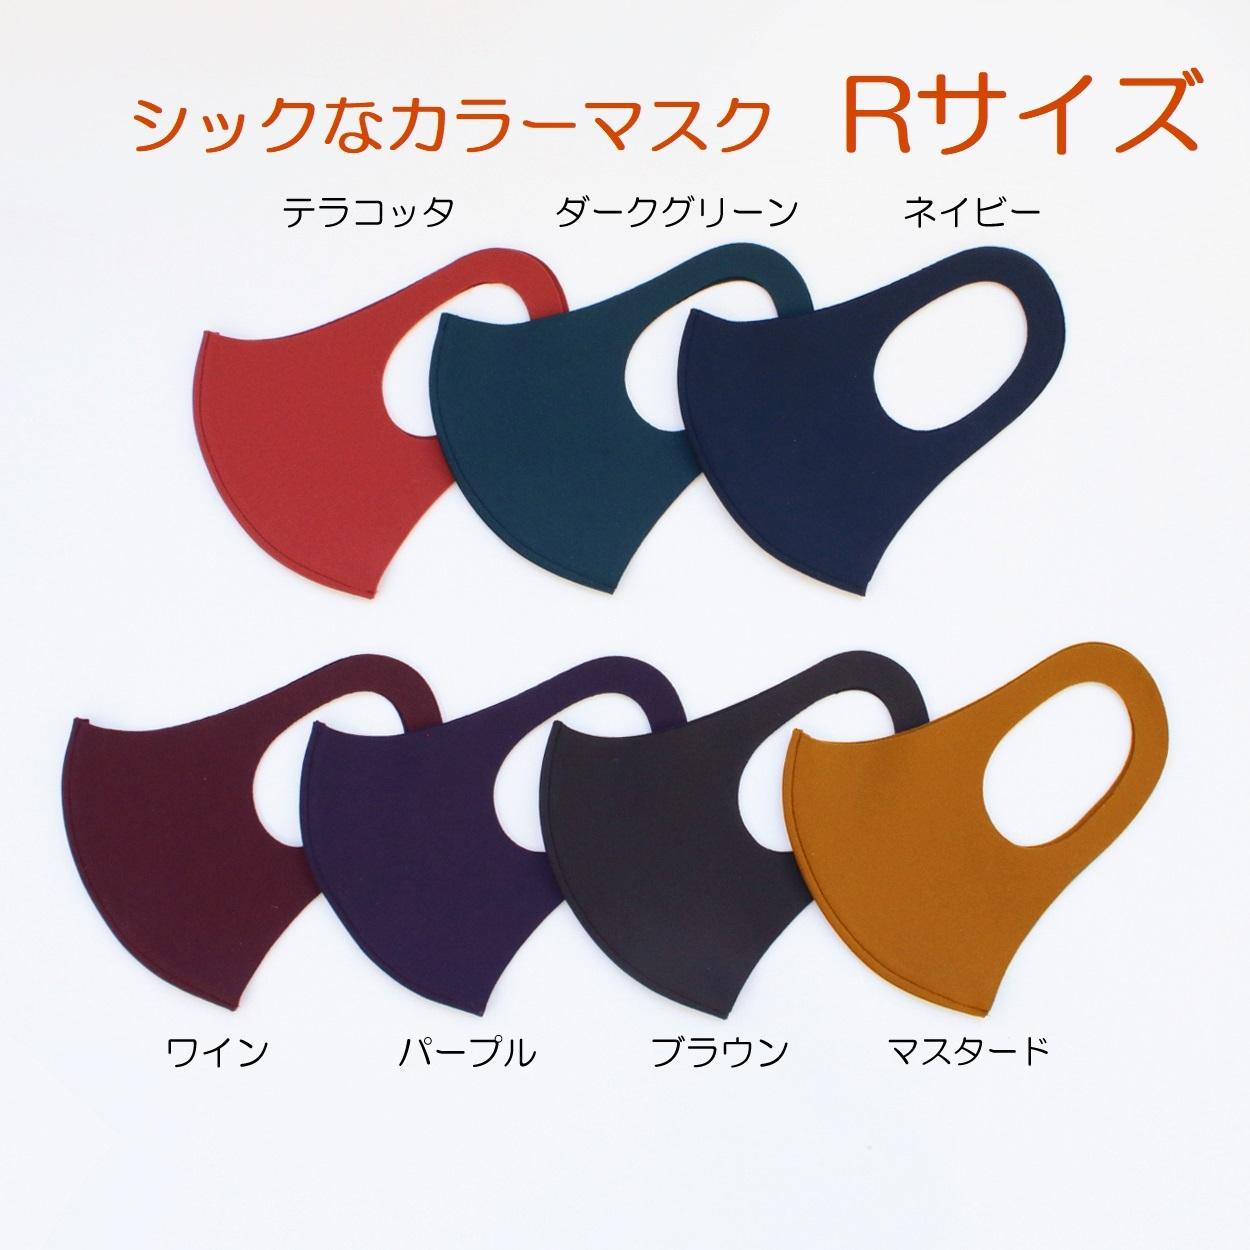 「ぷる♥」シックなカラーマスク Rサイズ-同色2枚入り【日本製】#129 限定数量-予約販売